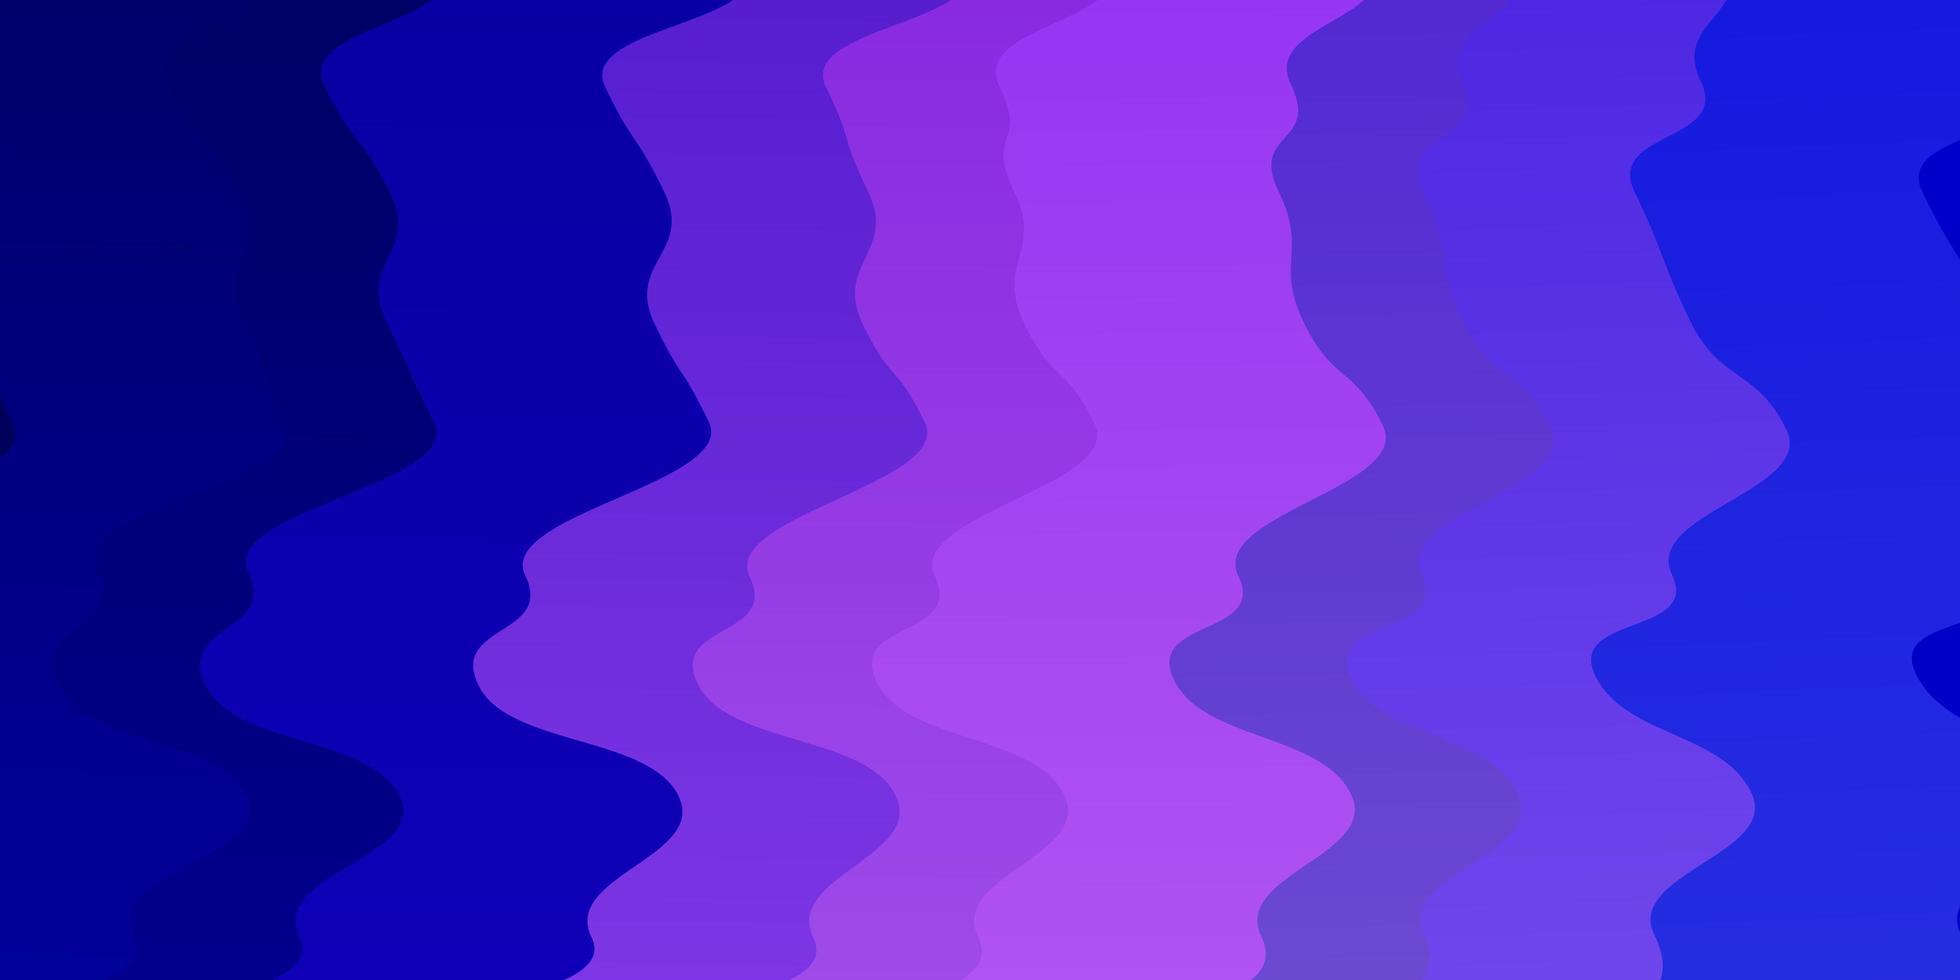 rosa och blå bakgrund med kurvor vektor